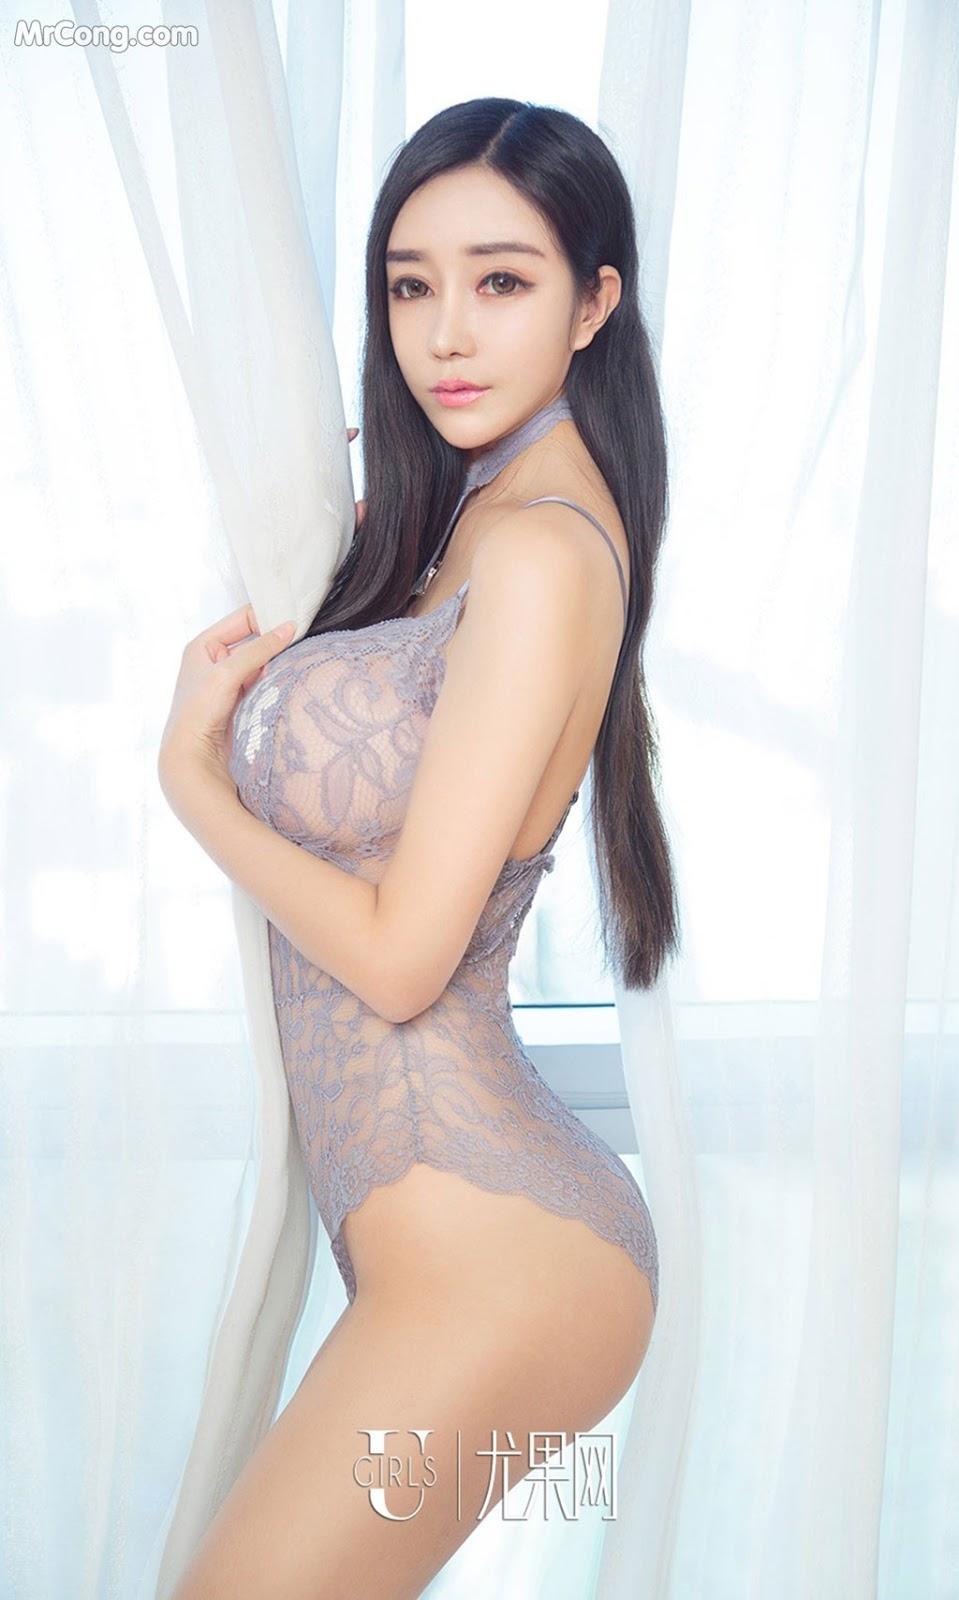 UGIRLS - Ai You Wu App No.890: Model Yina (40 photos)